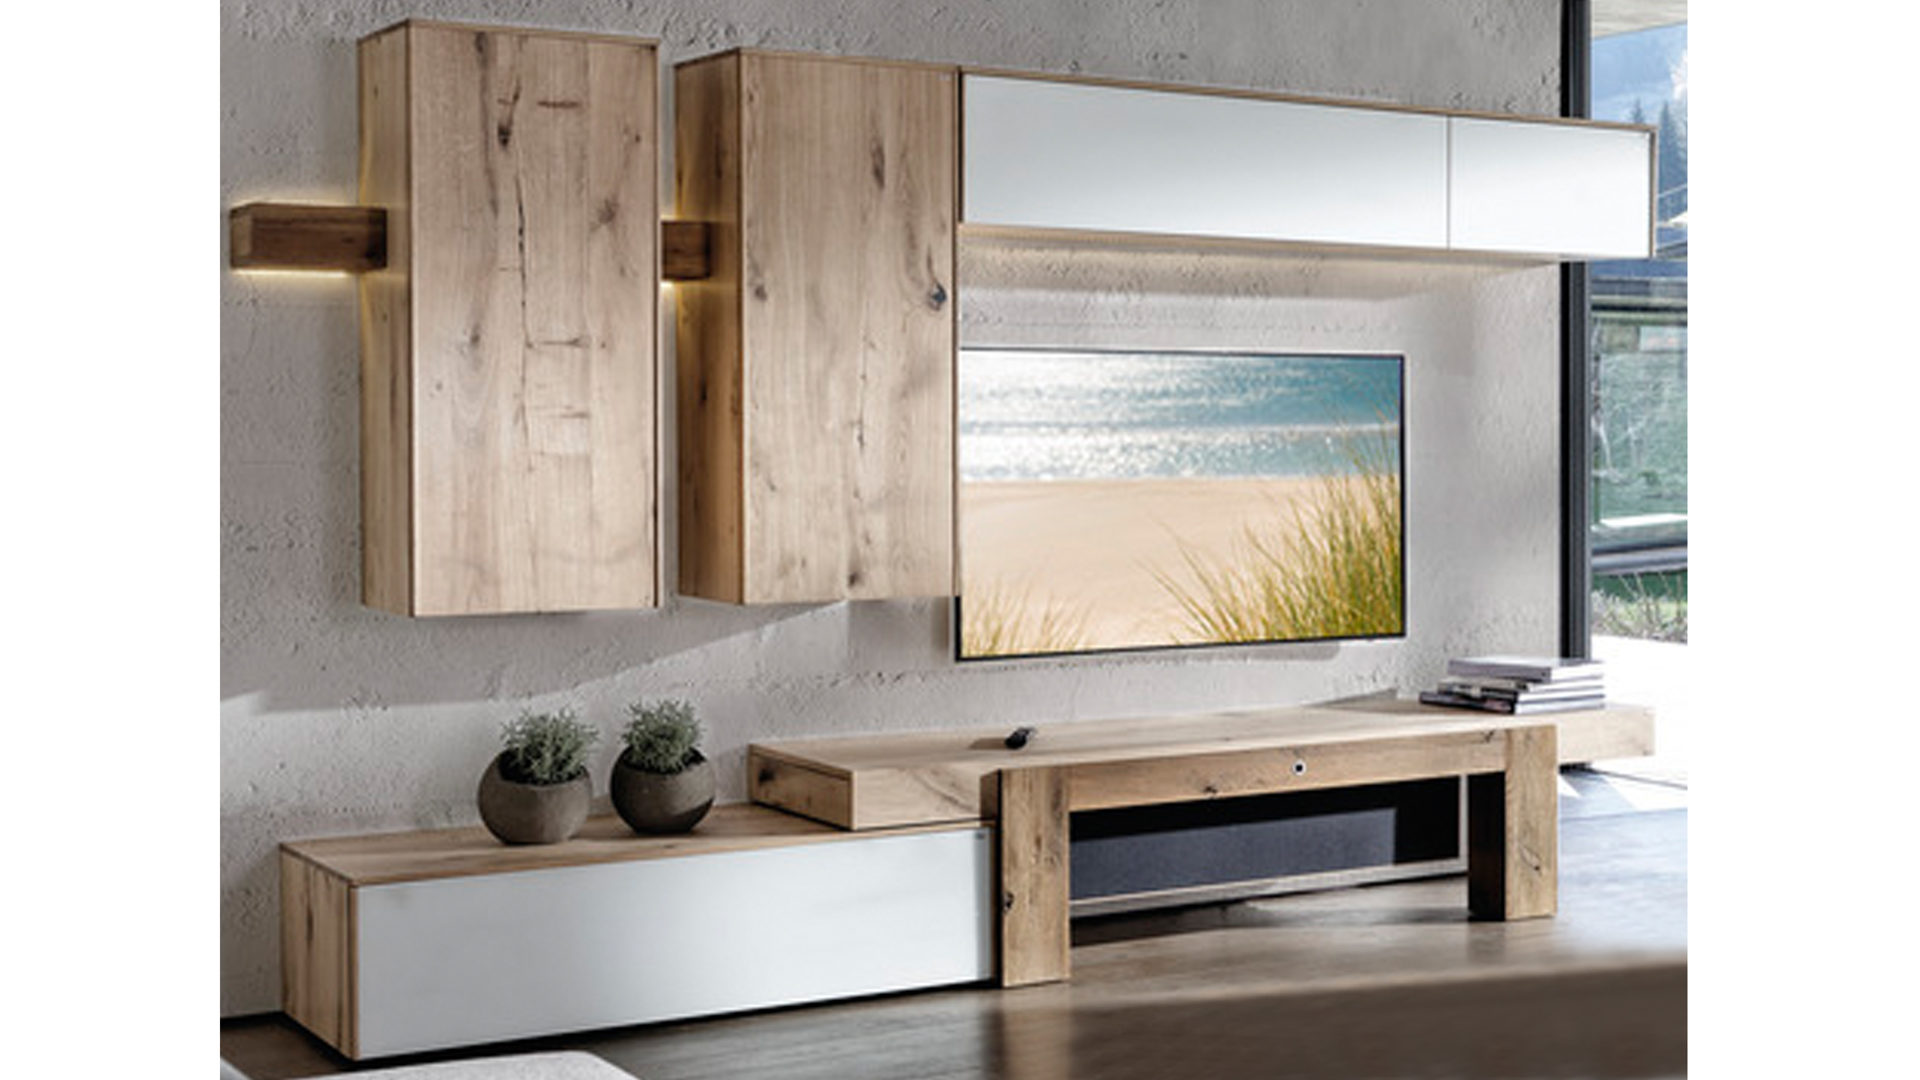 Möbel Eilers Apen, Räume, Wohnzimmer, Schränke + Wohnwände, VOGLAUER ...